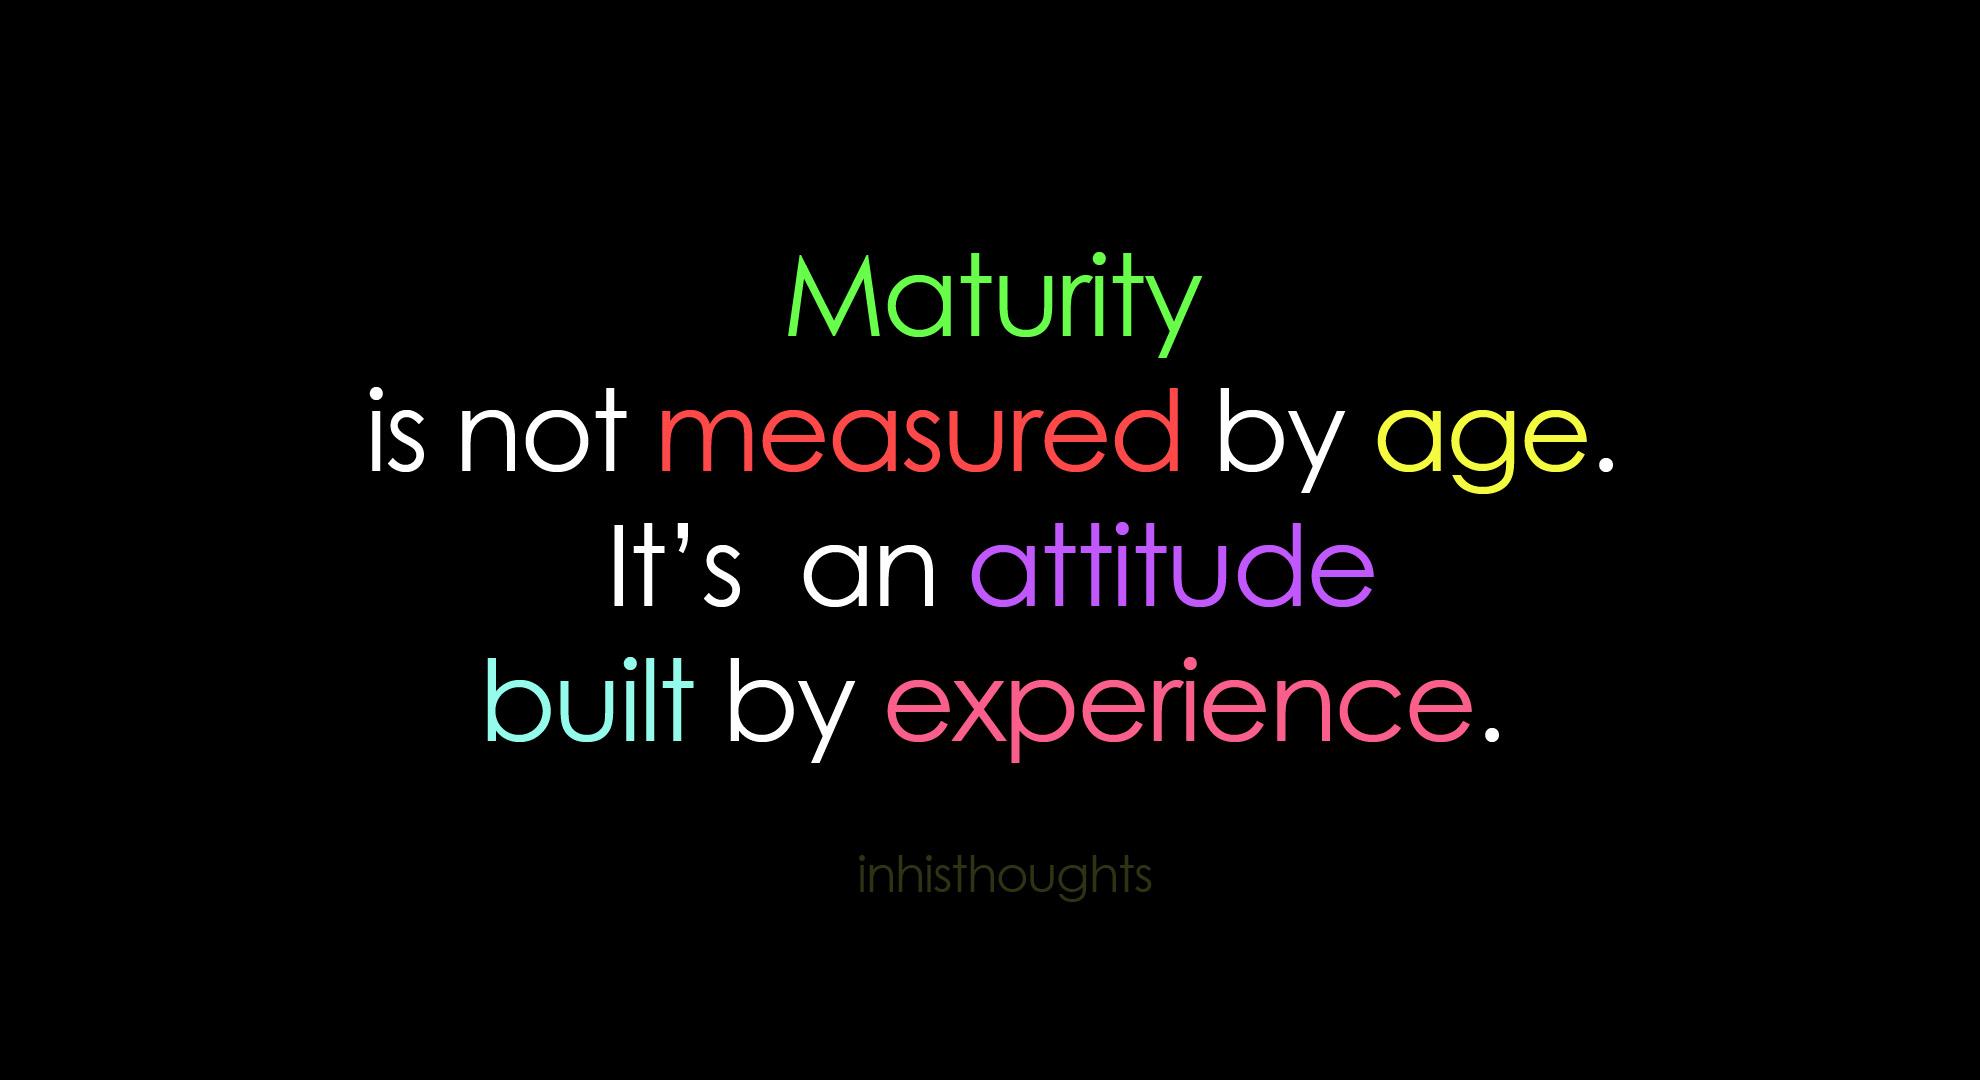 Maturity quote #2